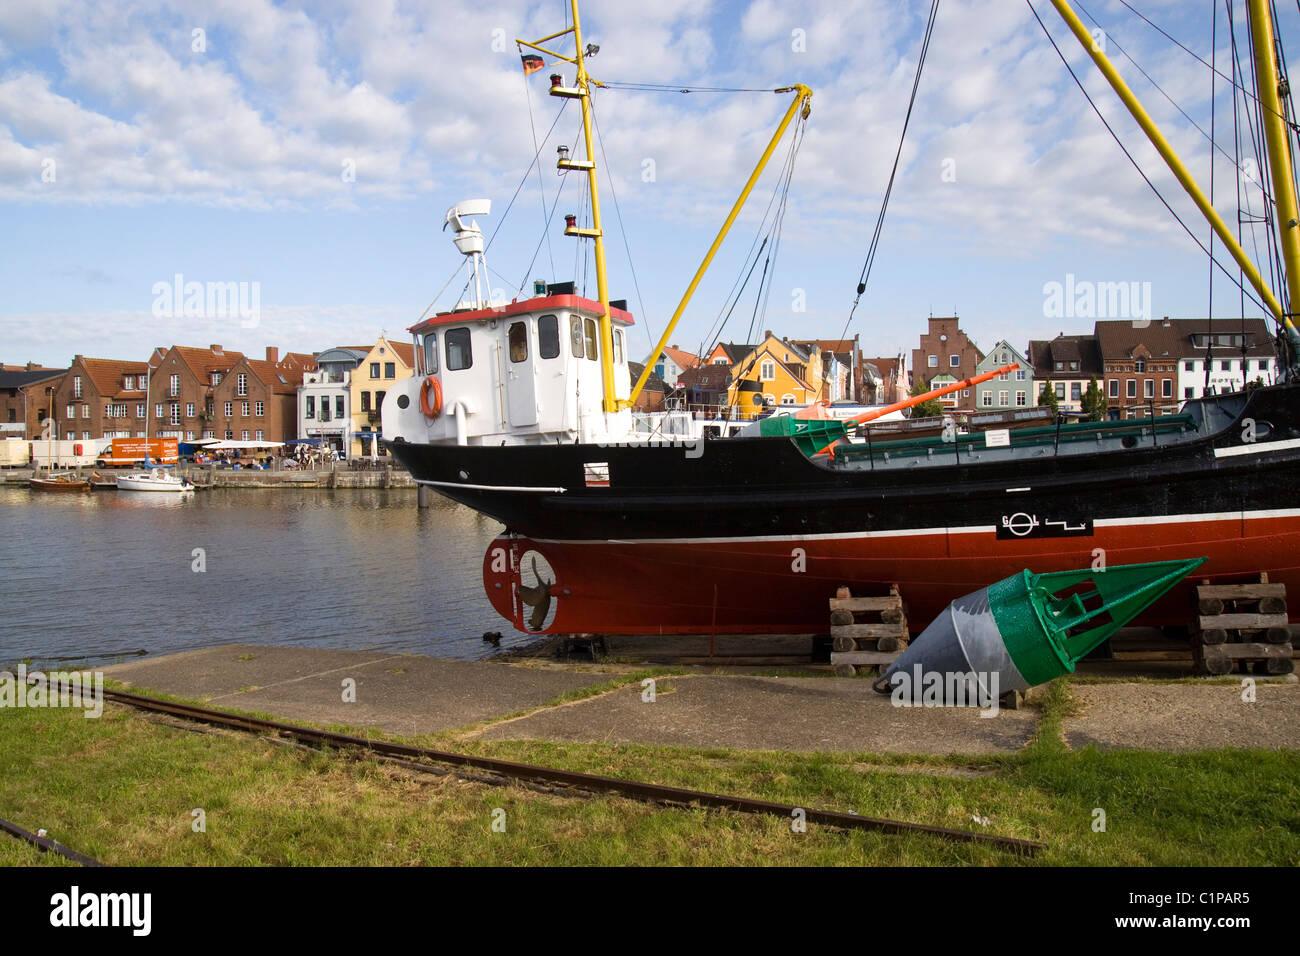 Allemagne, Husum, bateau amarré dans le port de pêche Photo Stock